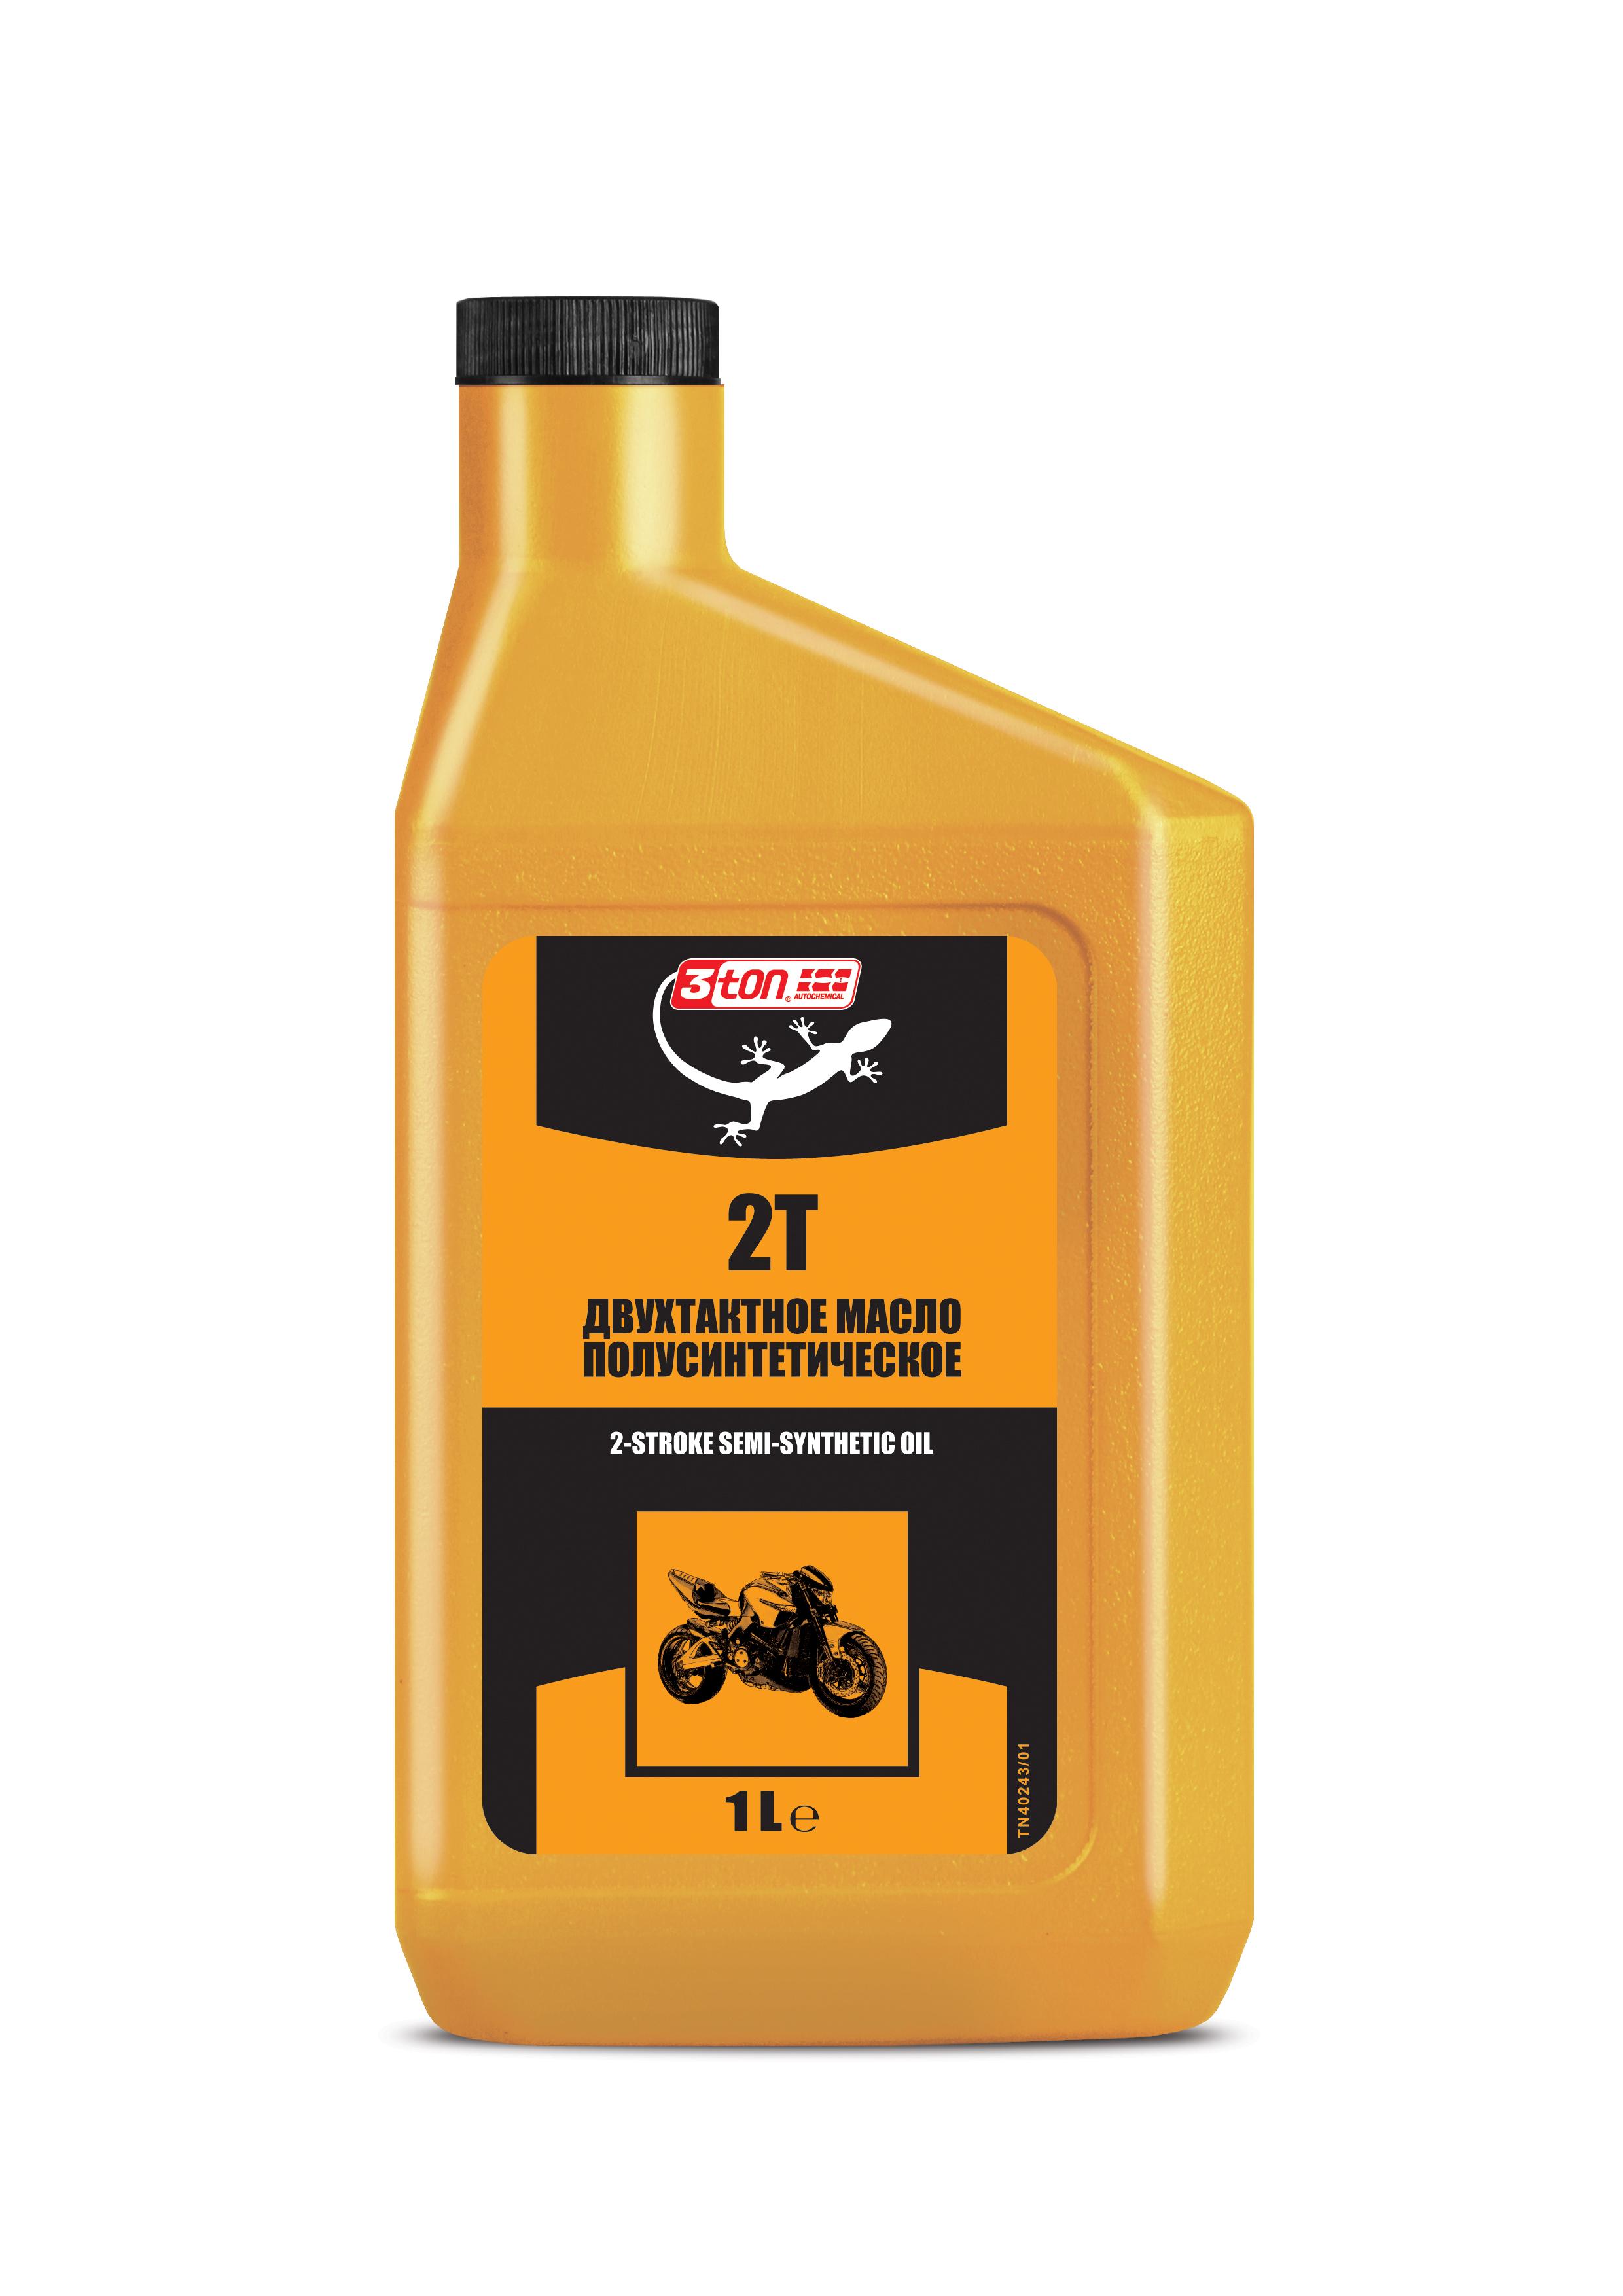 Моторное масло для 2-такт 3ton super 2t (1л)